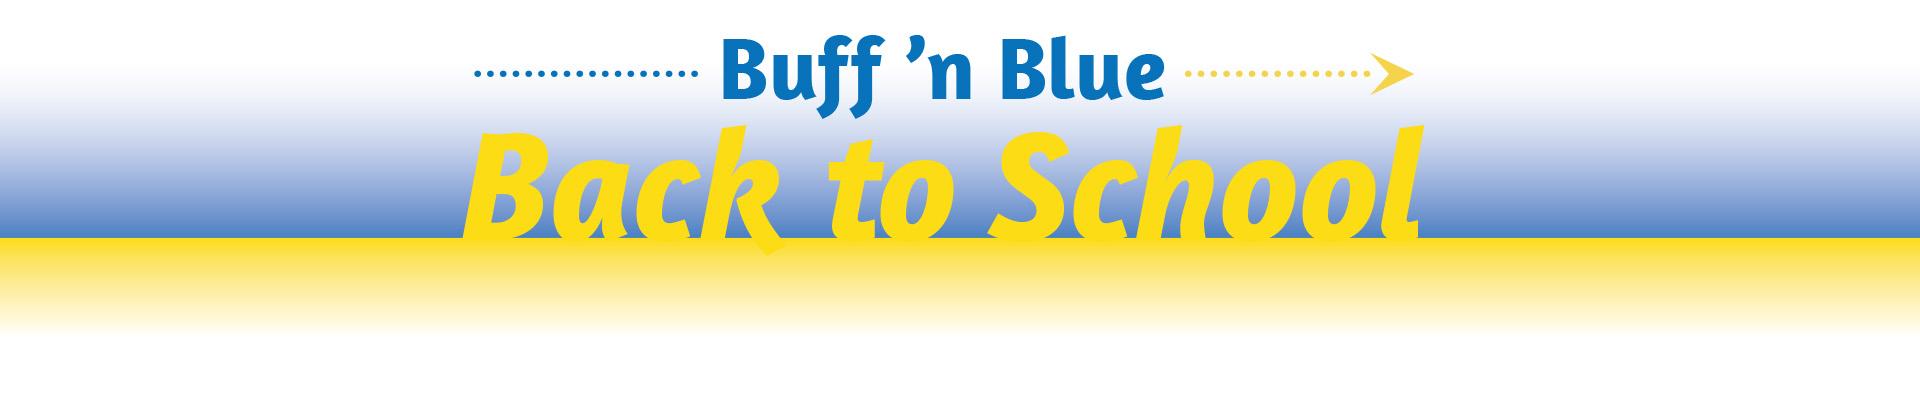 Buff 'n Blue Back to School Fall Semester